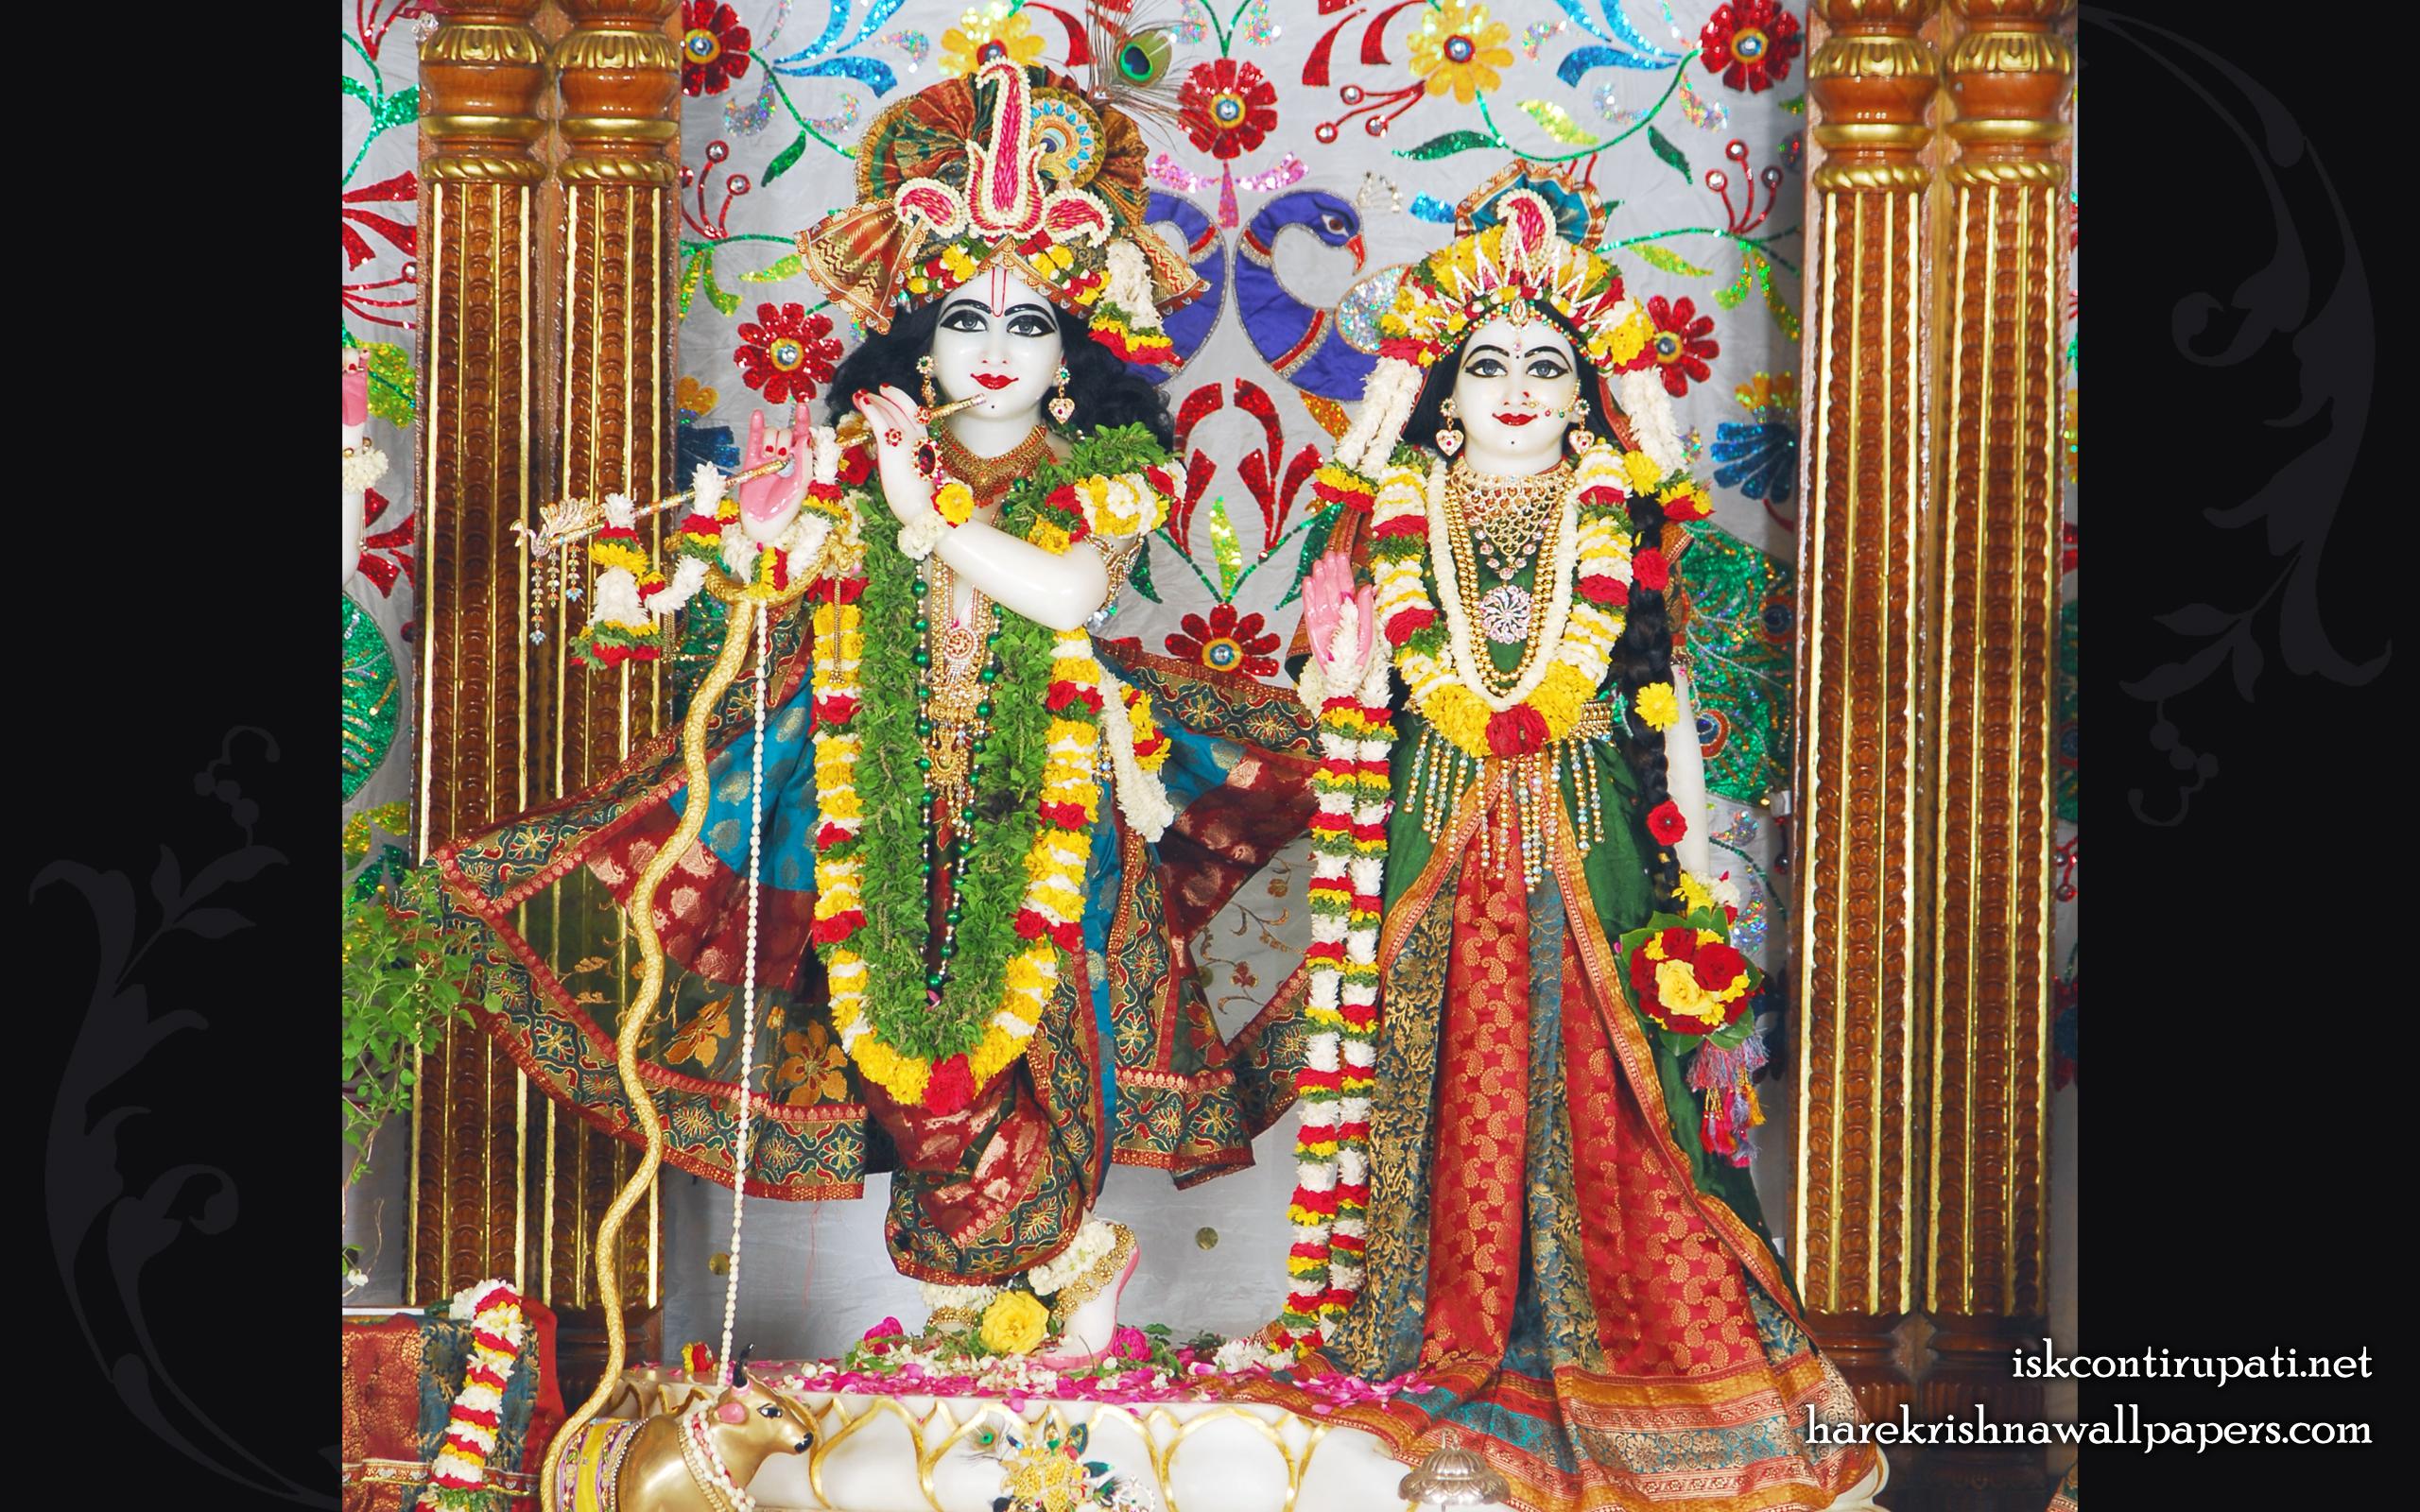 Sri Sri Radha Govinda Wallpaper (004) Size 2560x1600 Download